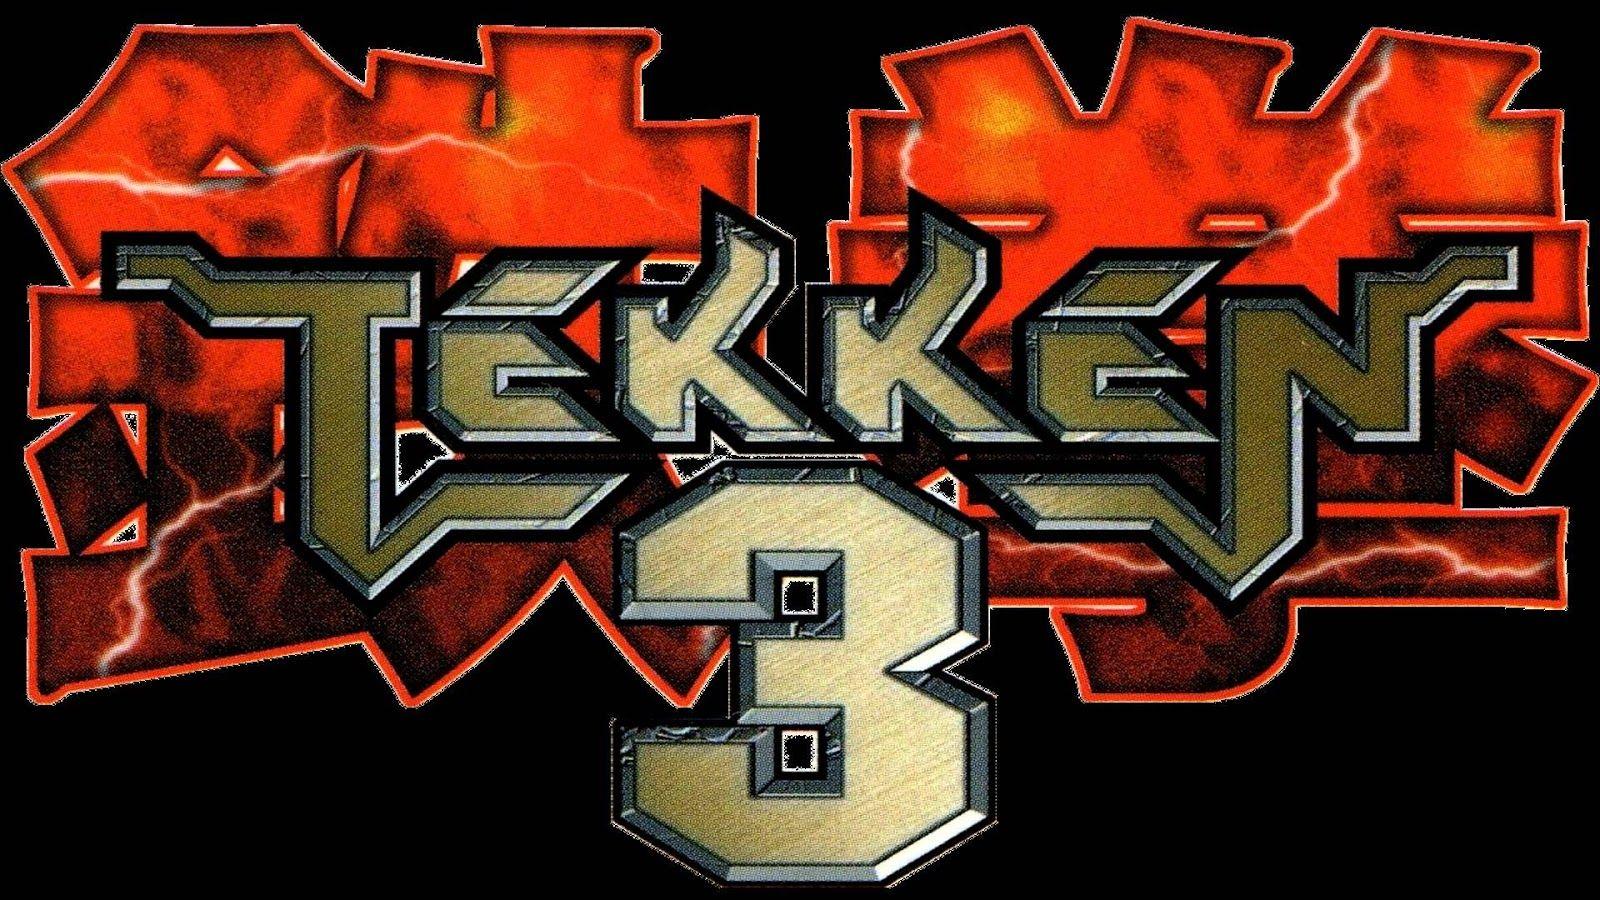 Tekken 3 With All Unlock Players Pc Download In 2020 Tekken 3